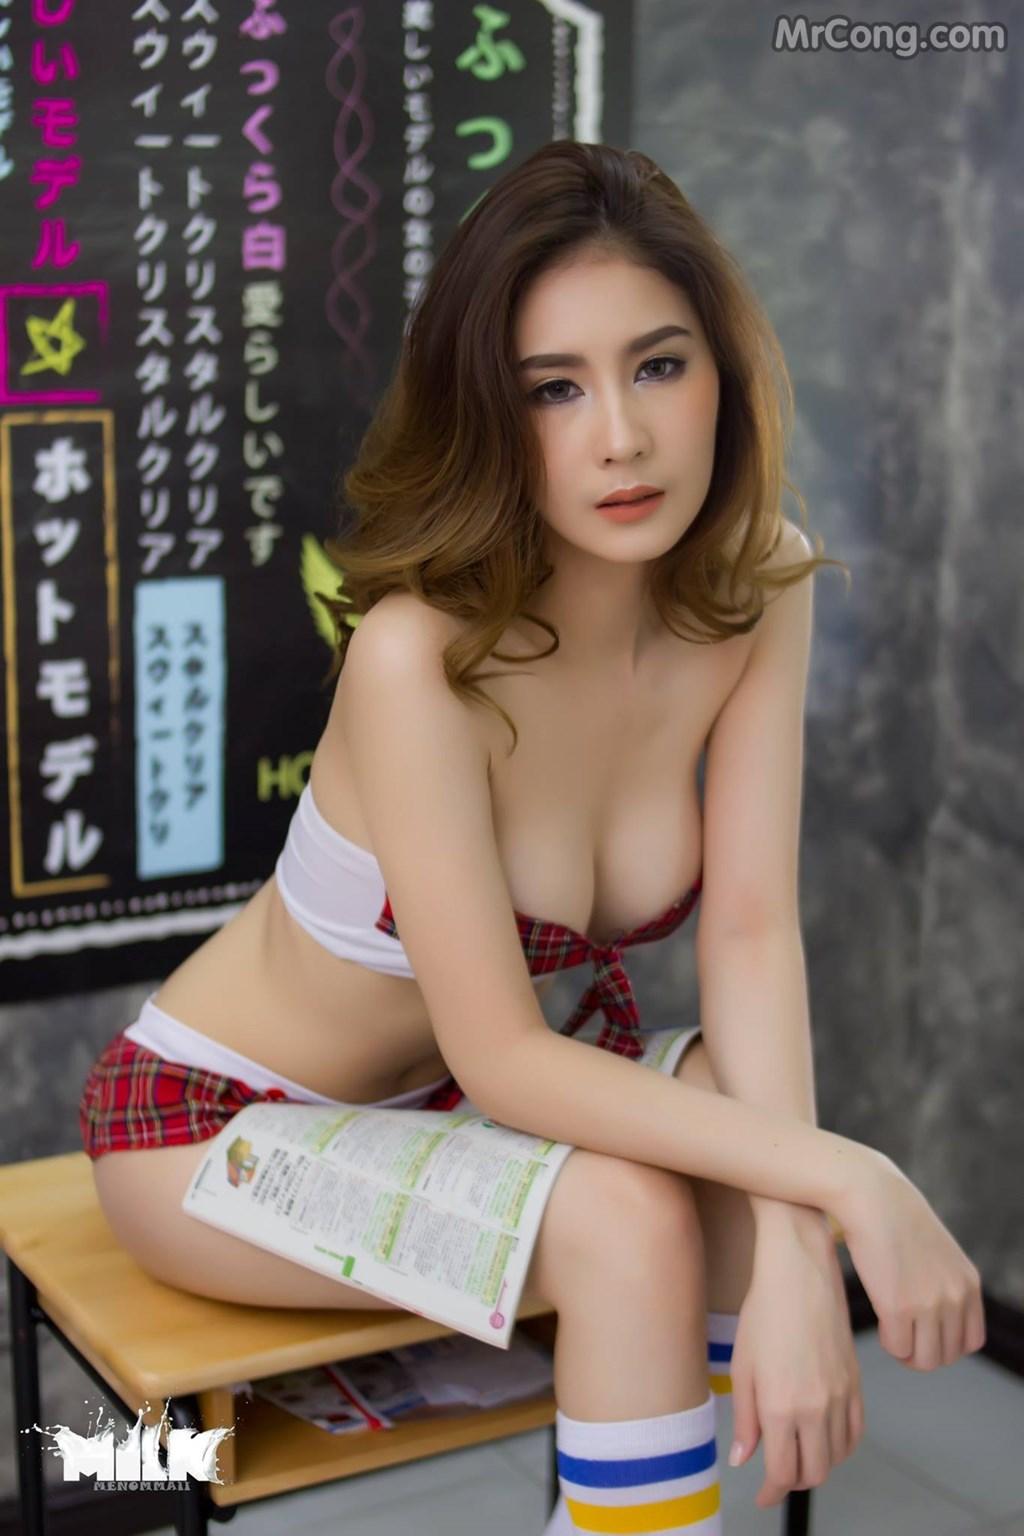 Image Nguoi-mau-Thai-Lan-Thanyarat-Rodpol-MrCong.com-010 in post Người đẹp Thanyarat Rodpol thả rông vòng một mê hoặc mọi ánh mắt (34 ảnh)